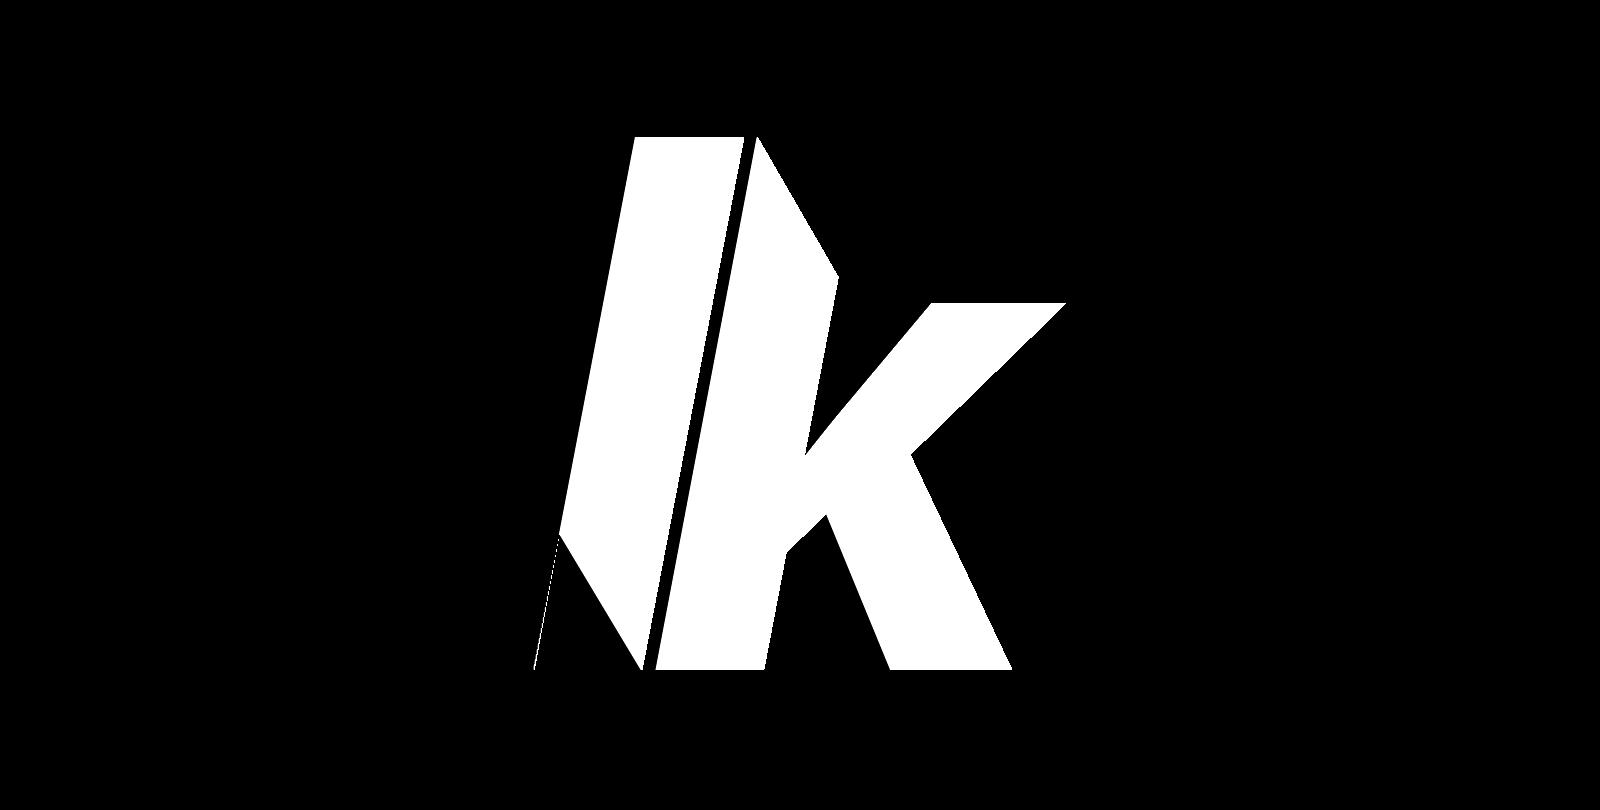 LK WEB AGENCY